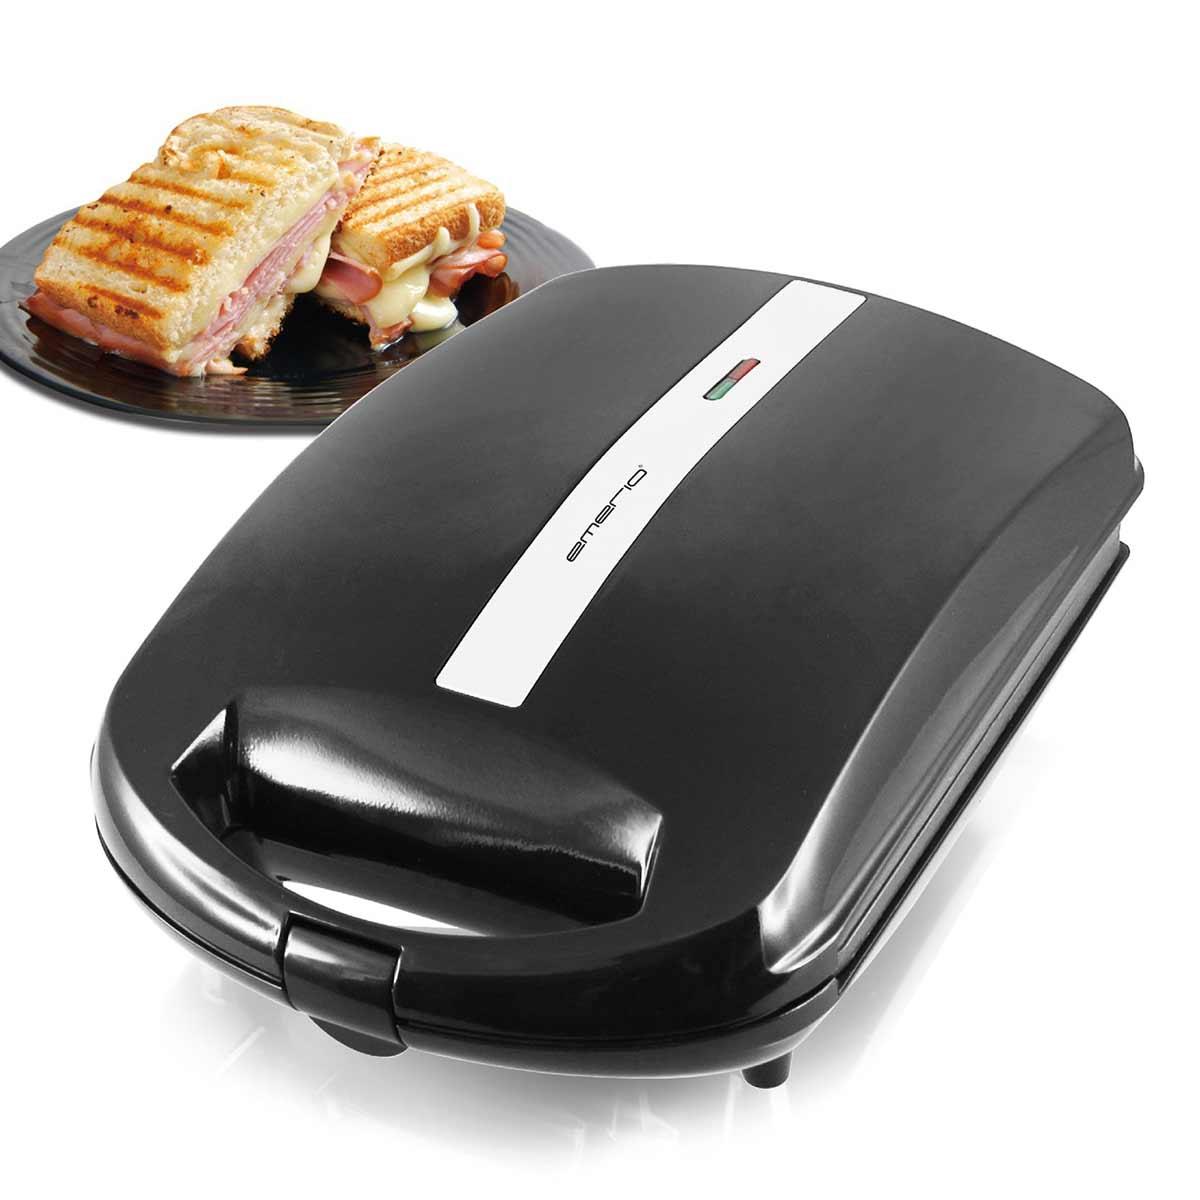 Großer XXL-Sandwich-Toaster Emerio ST-111153 für 4 Toast-Scheiben – Bild 2